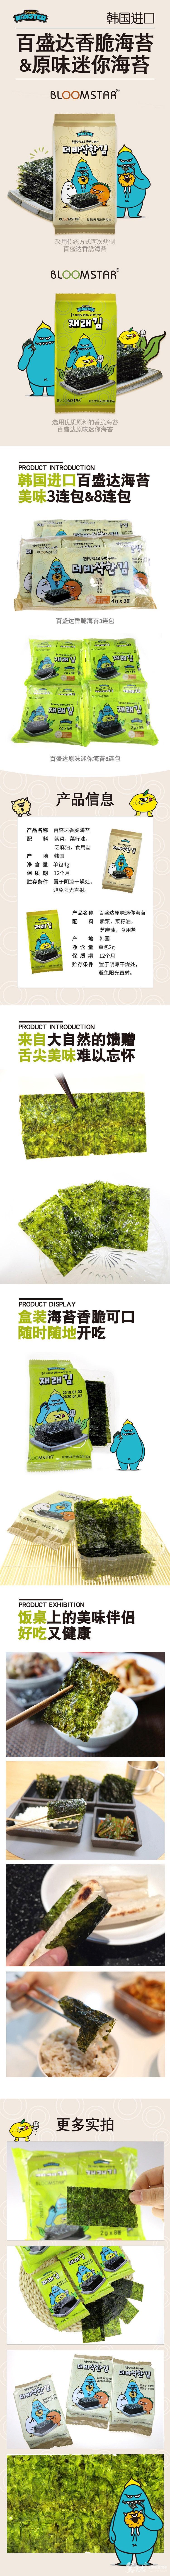 产品介绍图v.jpg